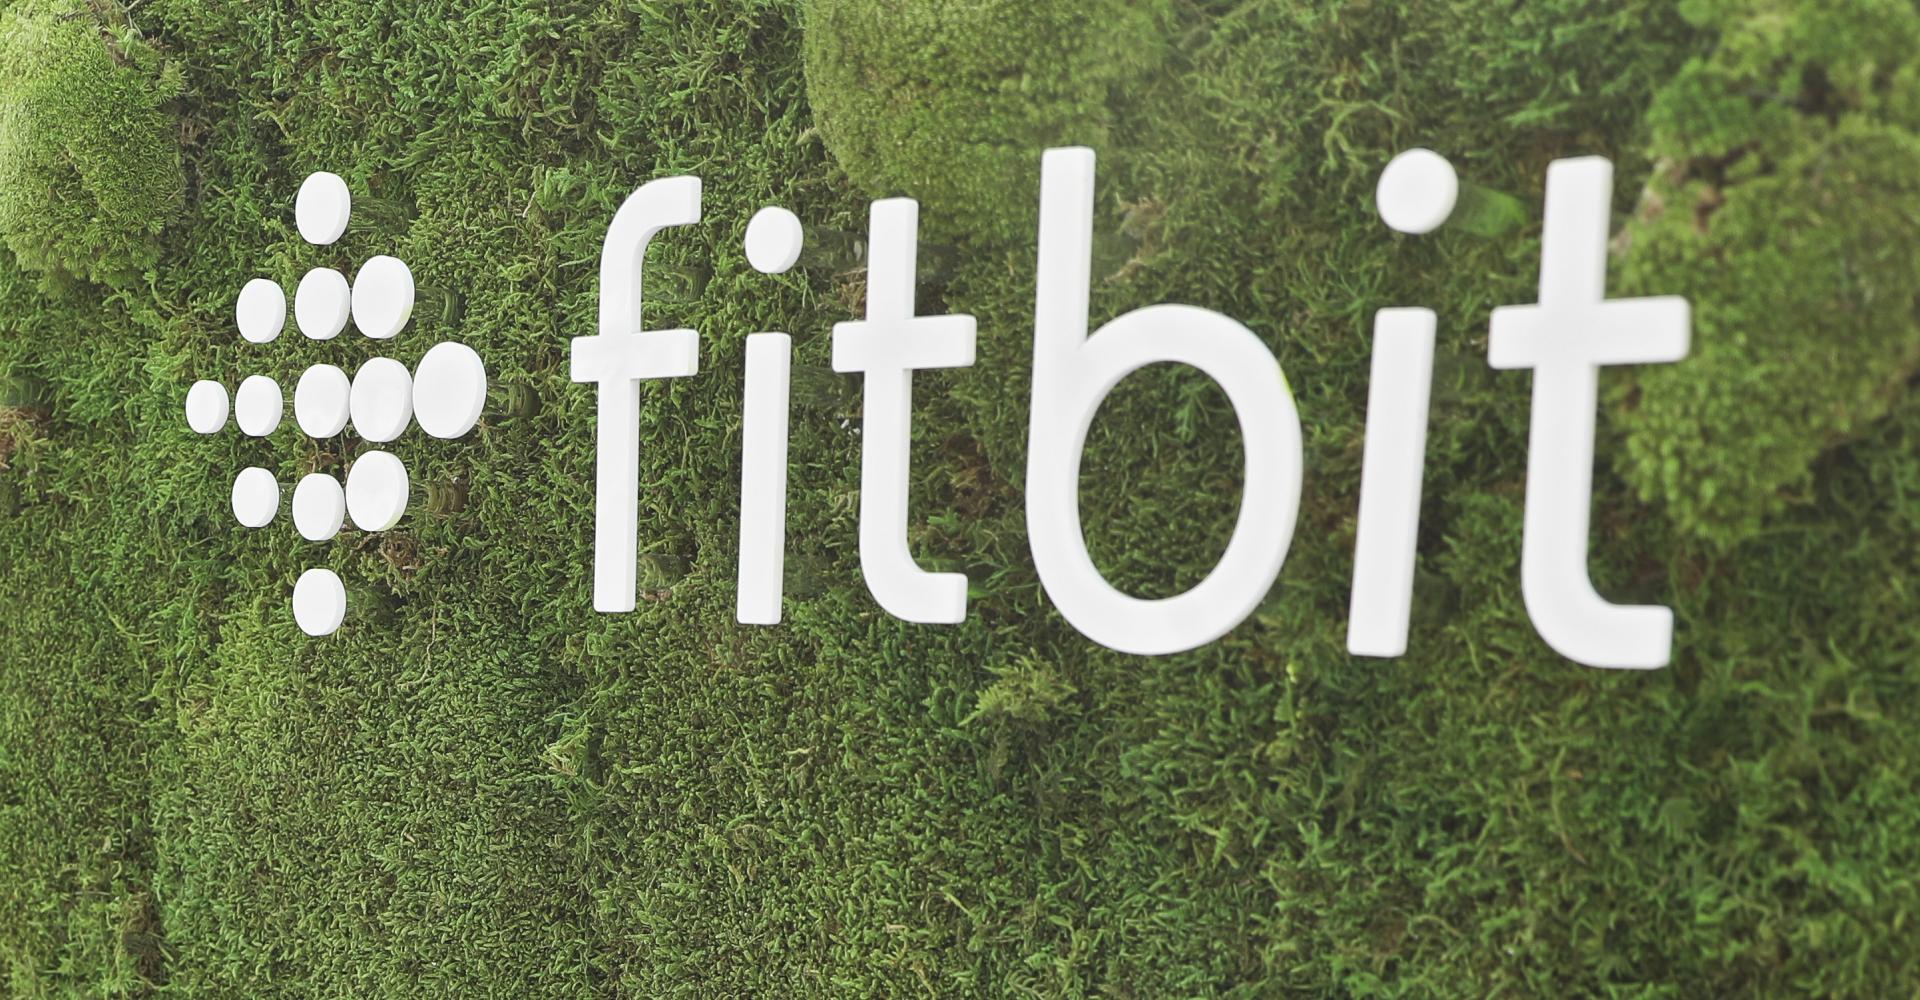 fitbit app findet gerät nicht